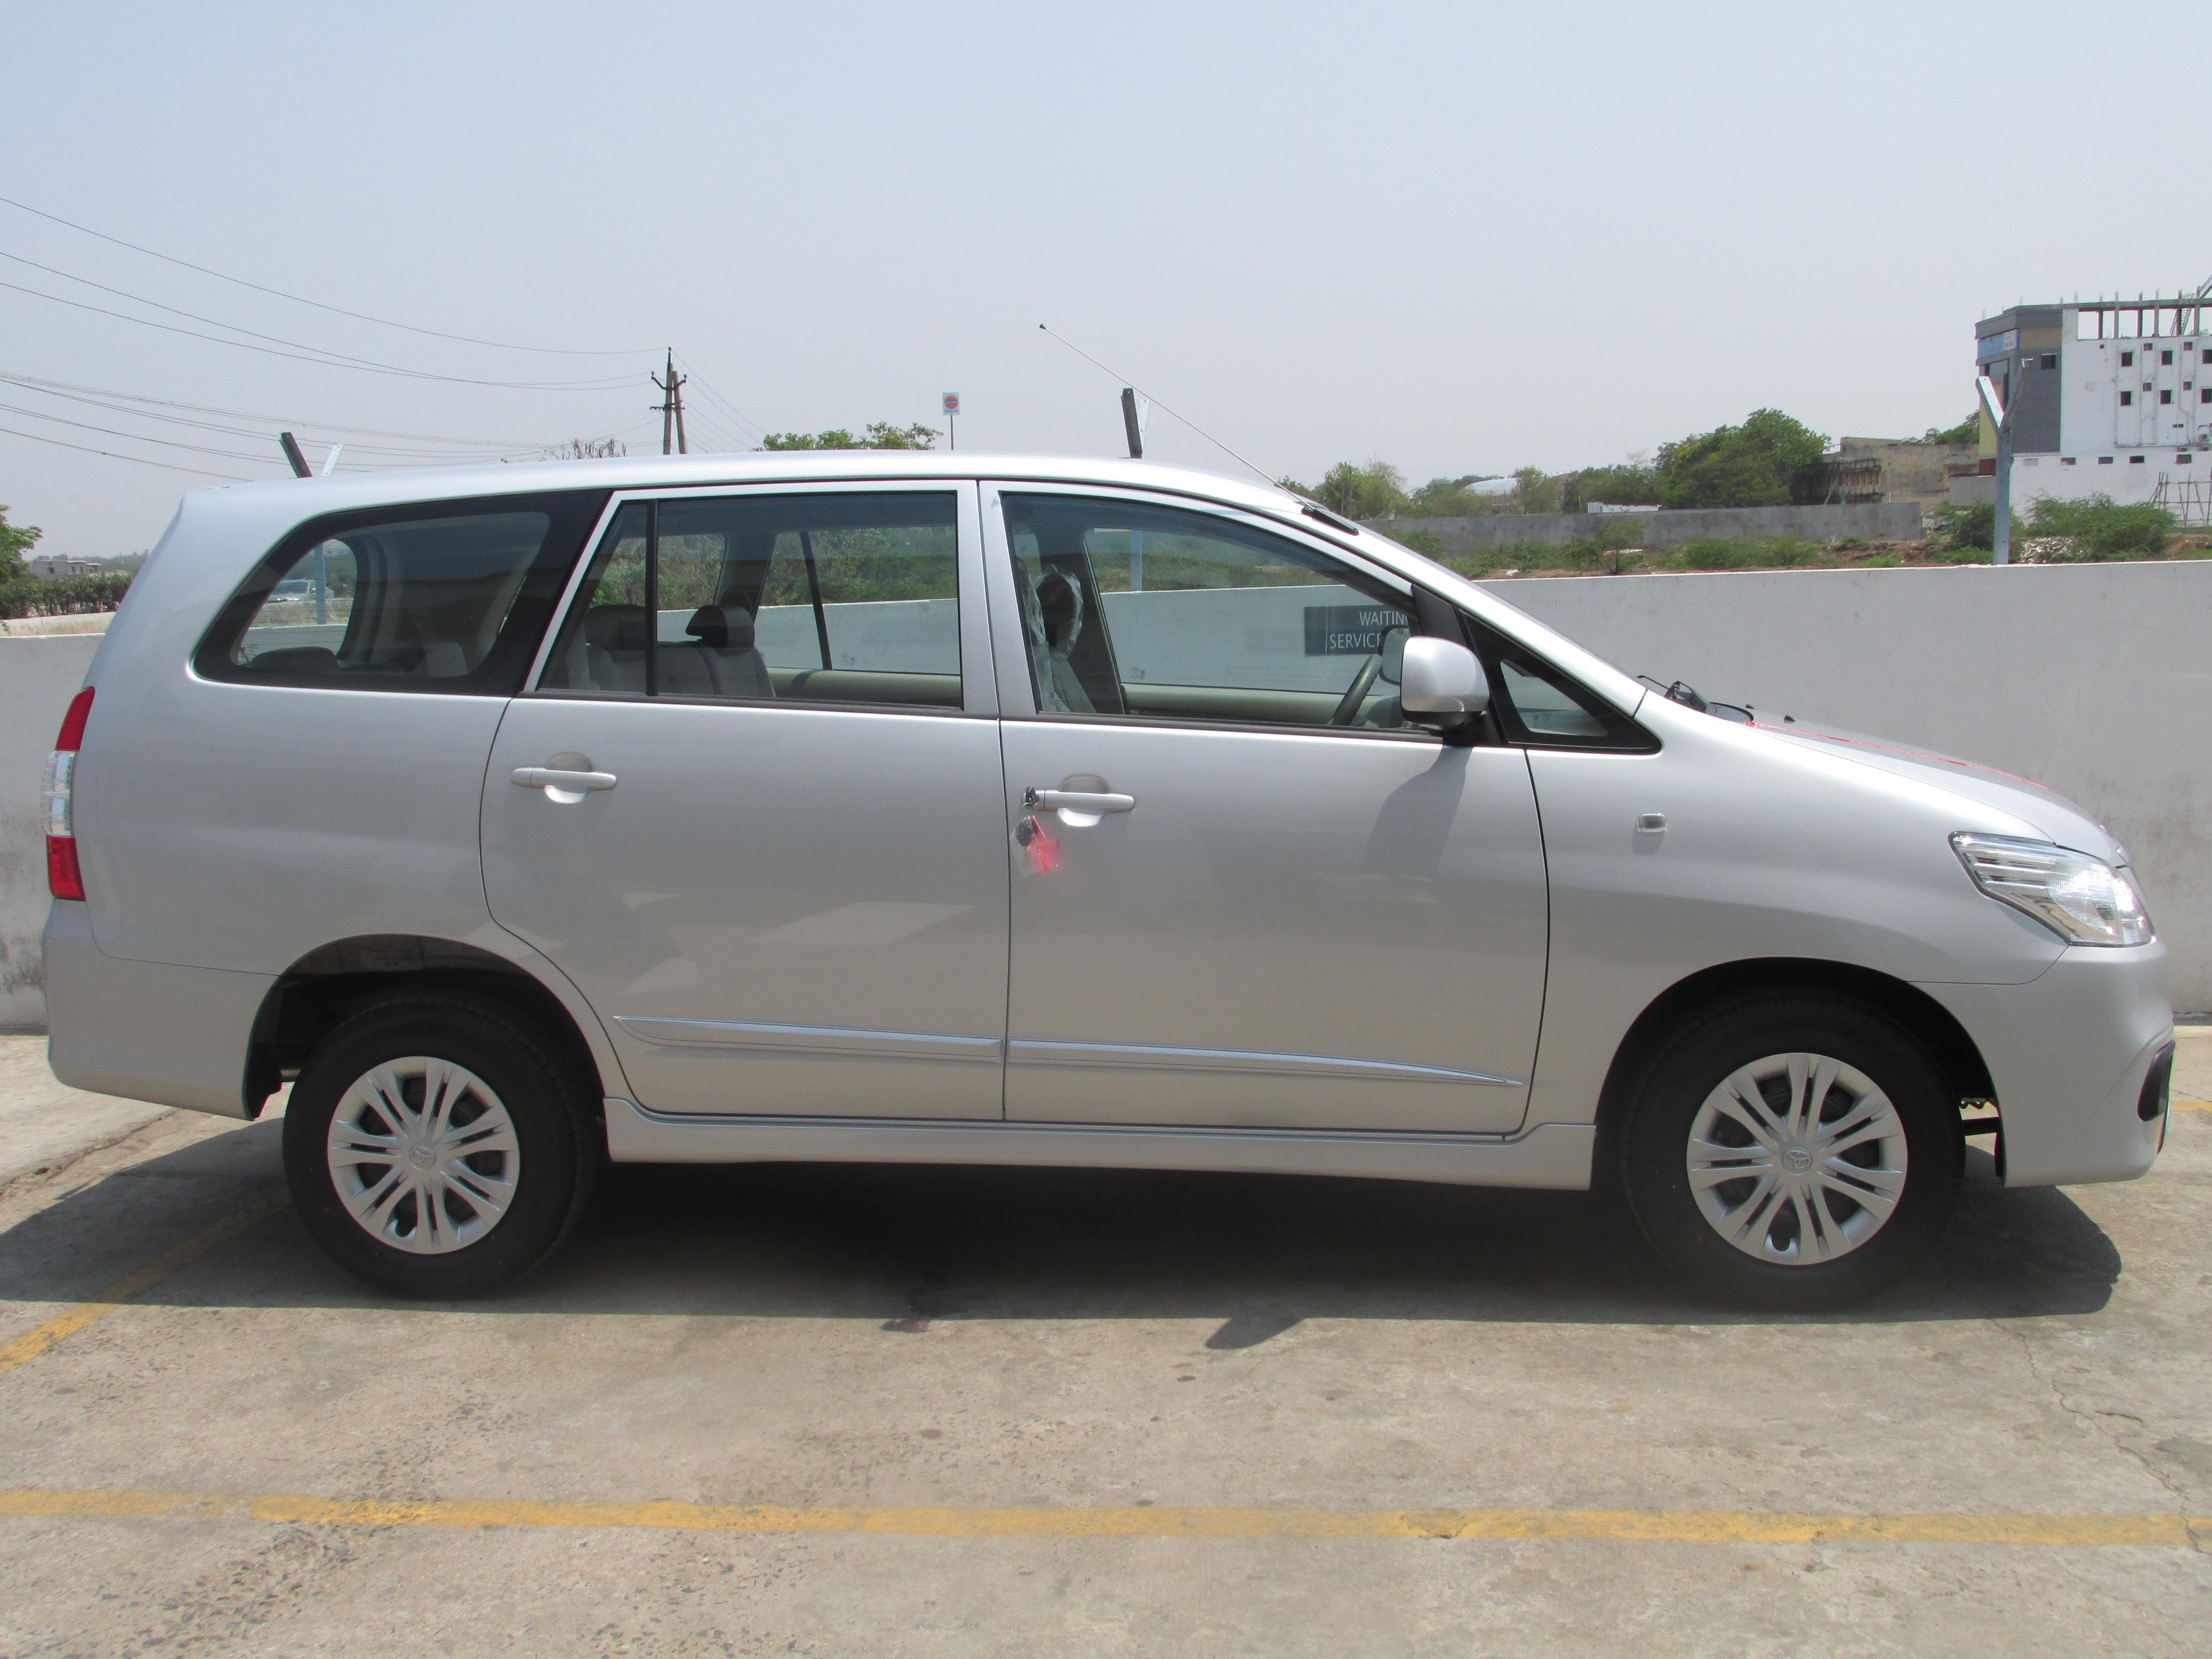 Samhitha Car Travels